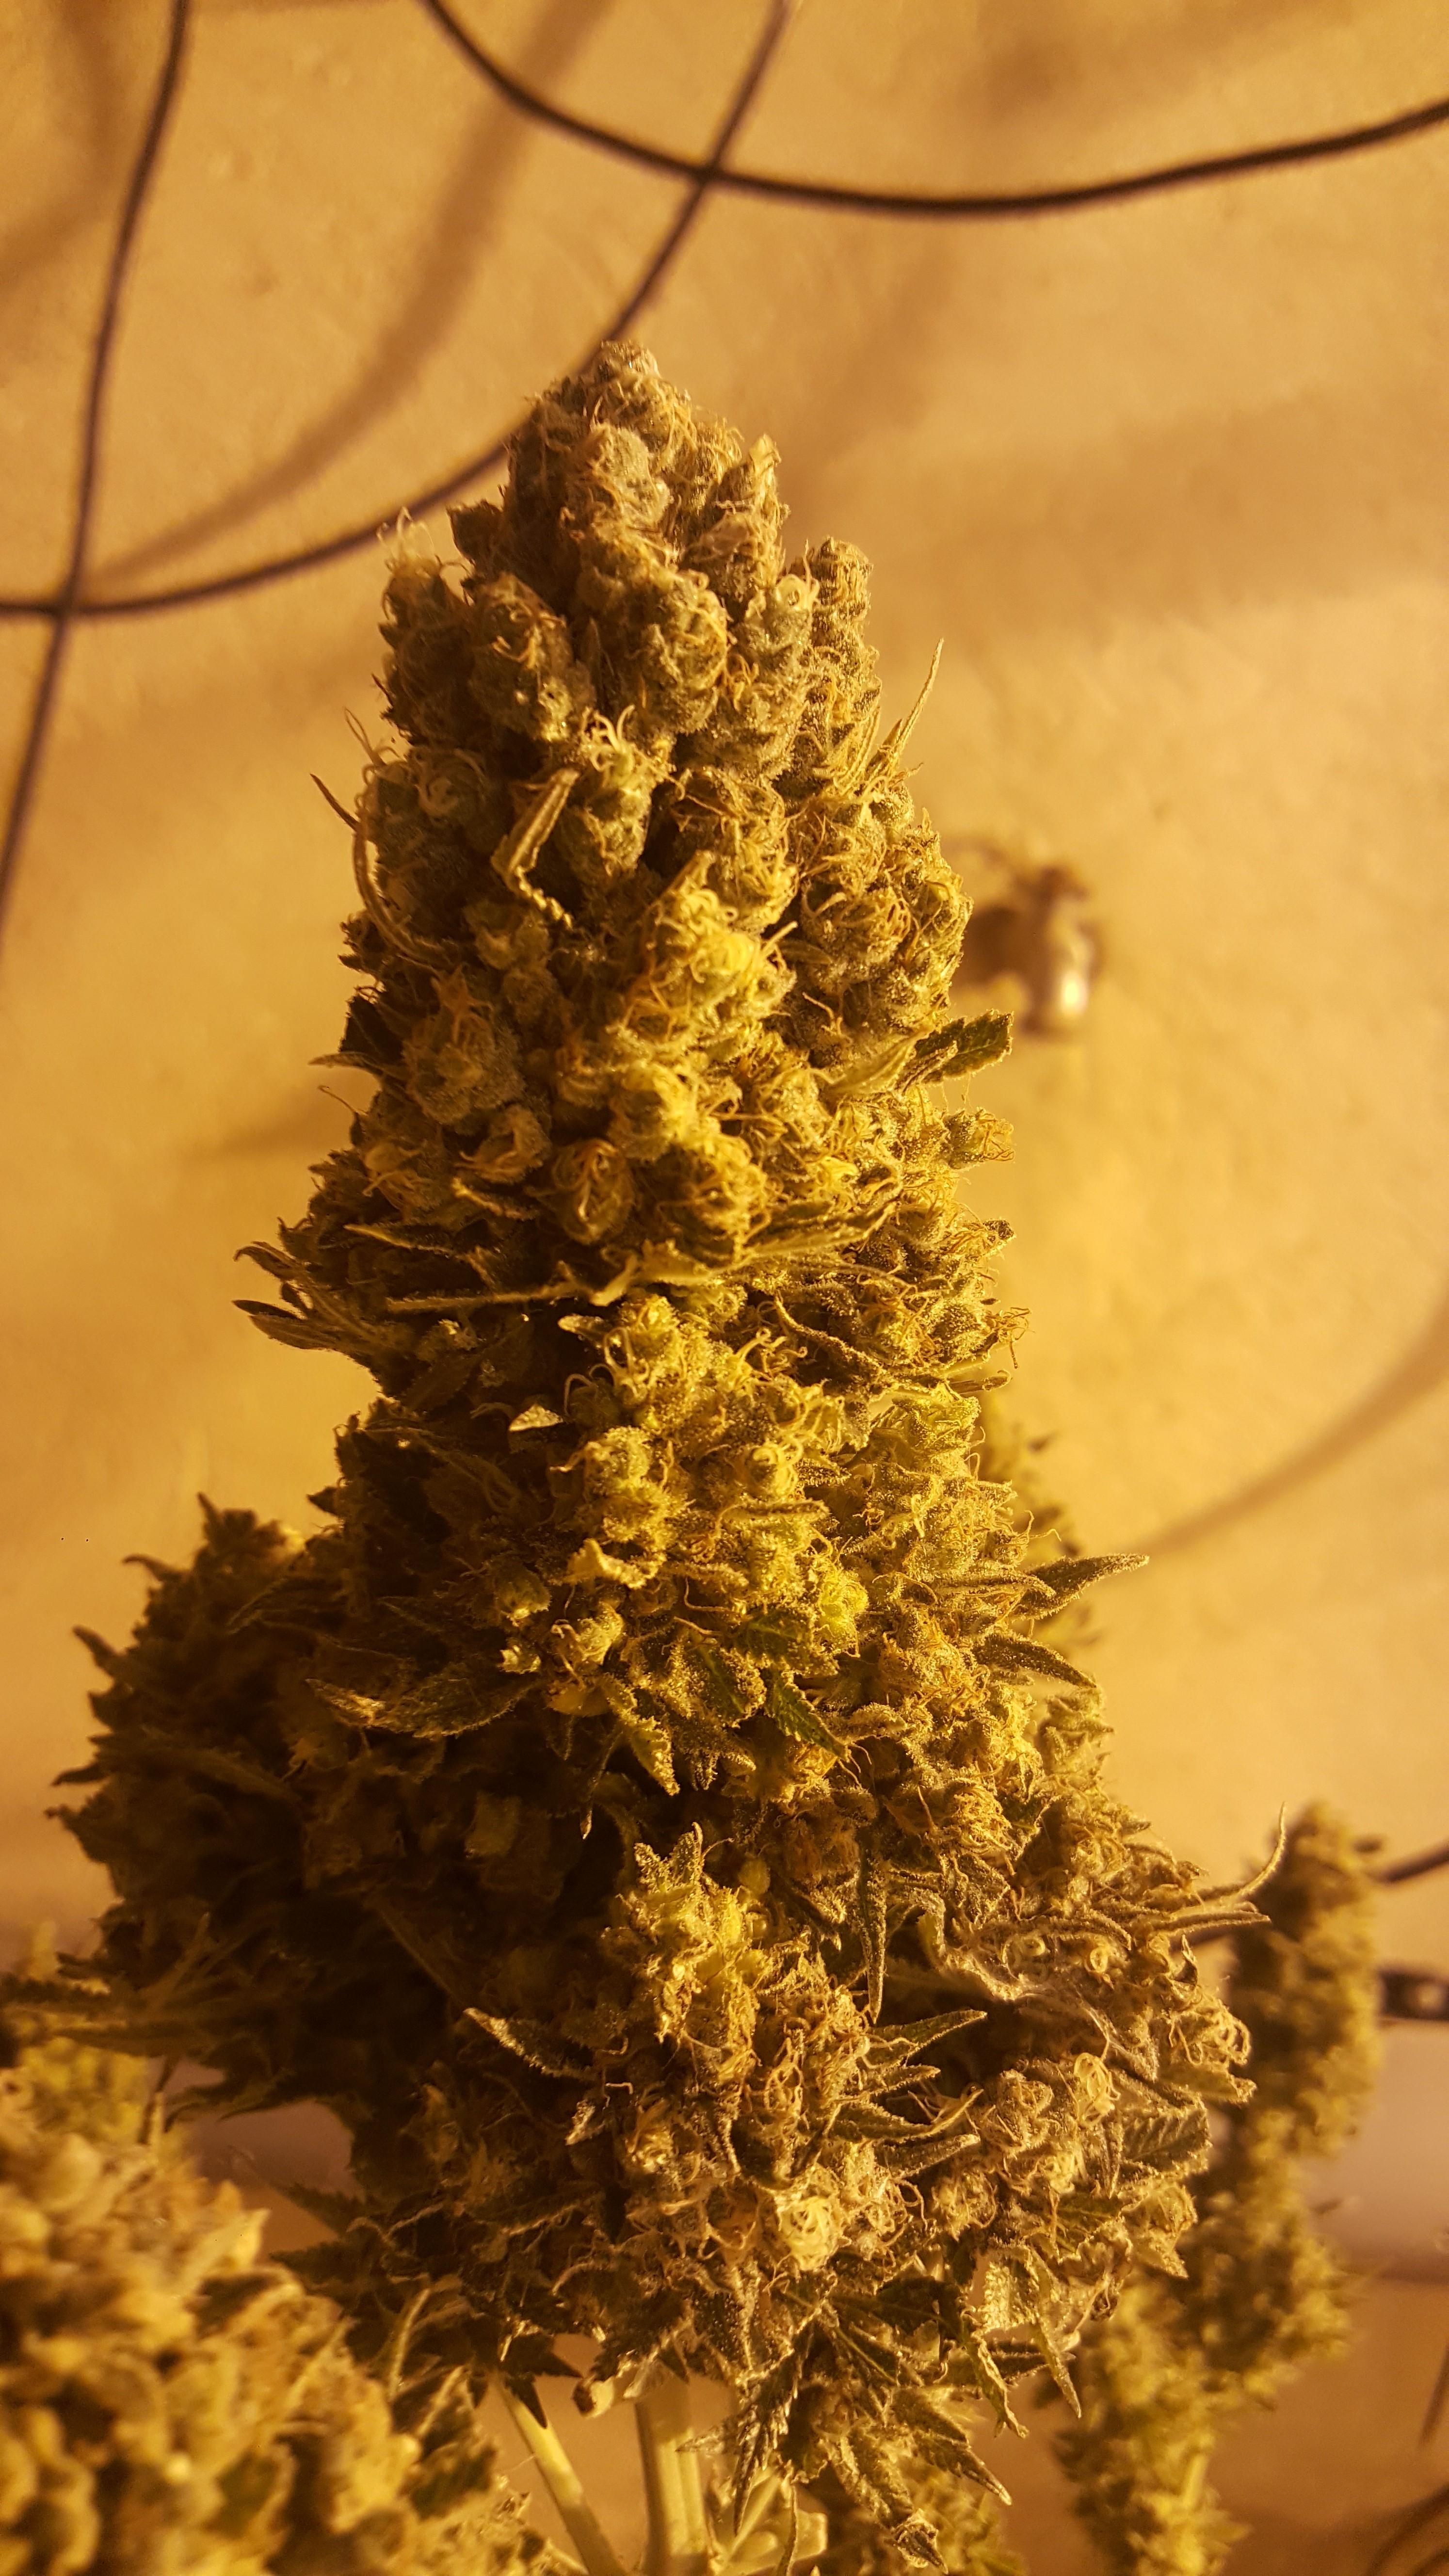 Top cheese auto semillas de marihuana baratas - Semillas de interior ...